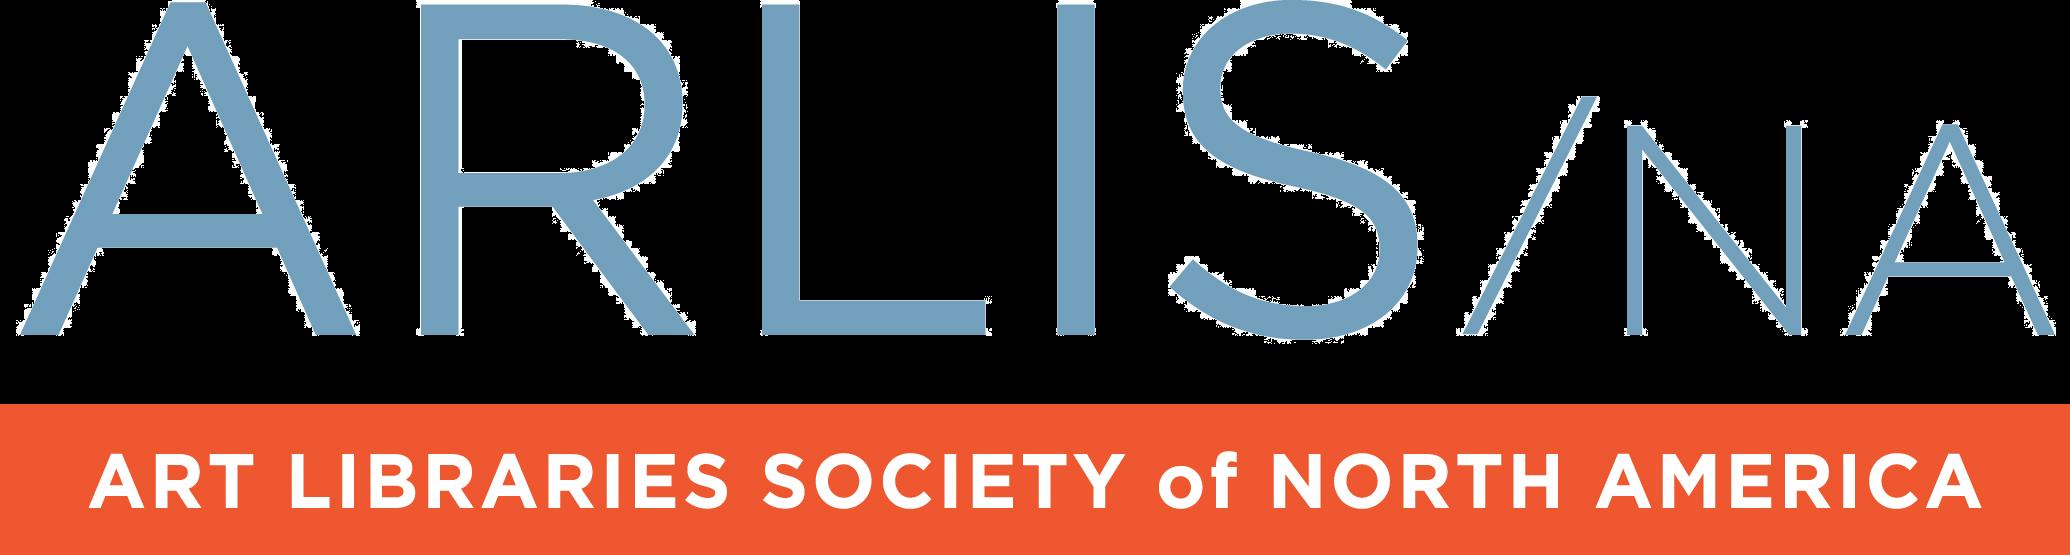 ARLISNA-Logo